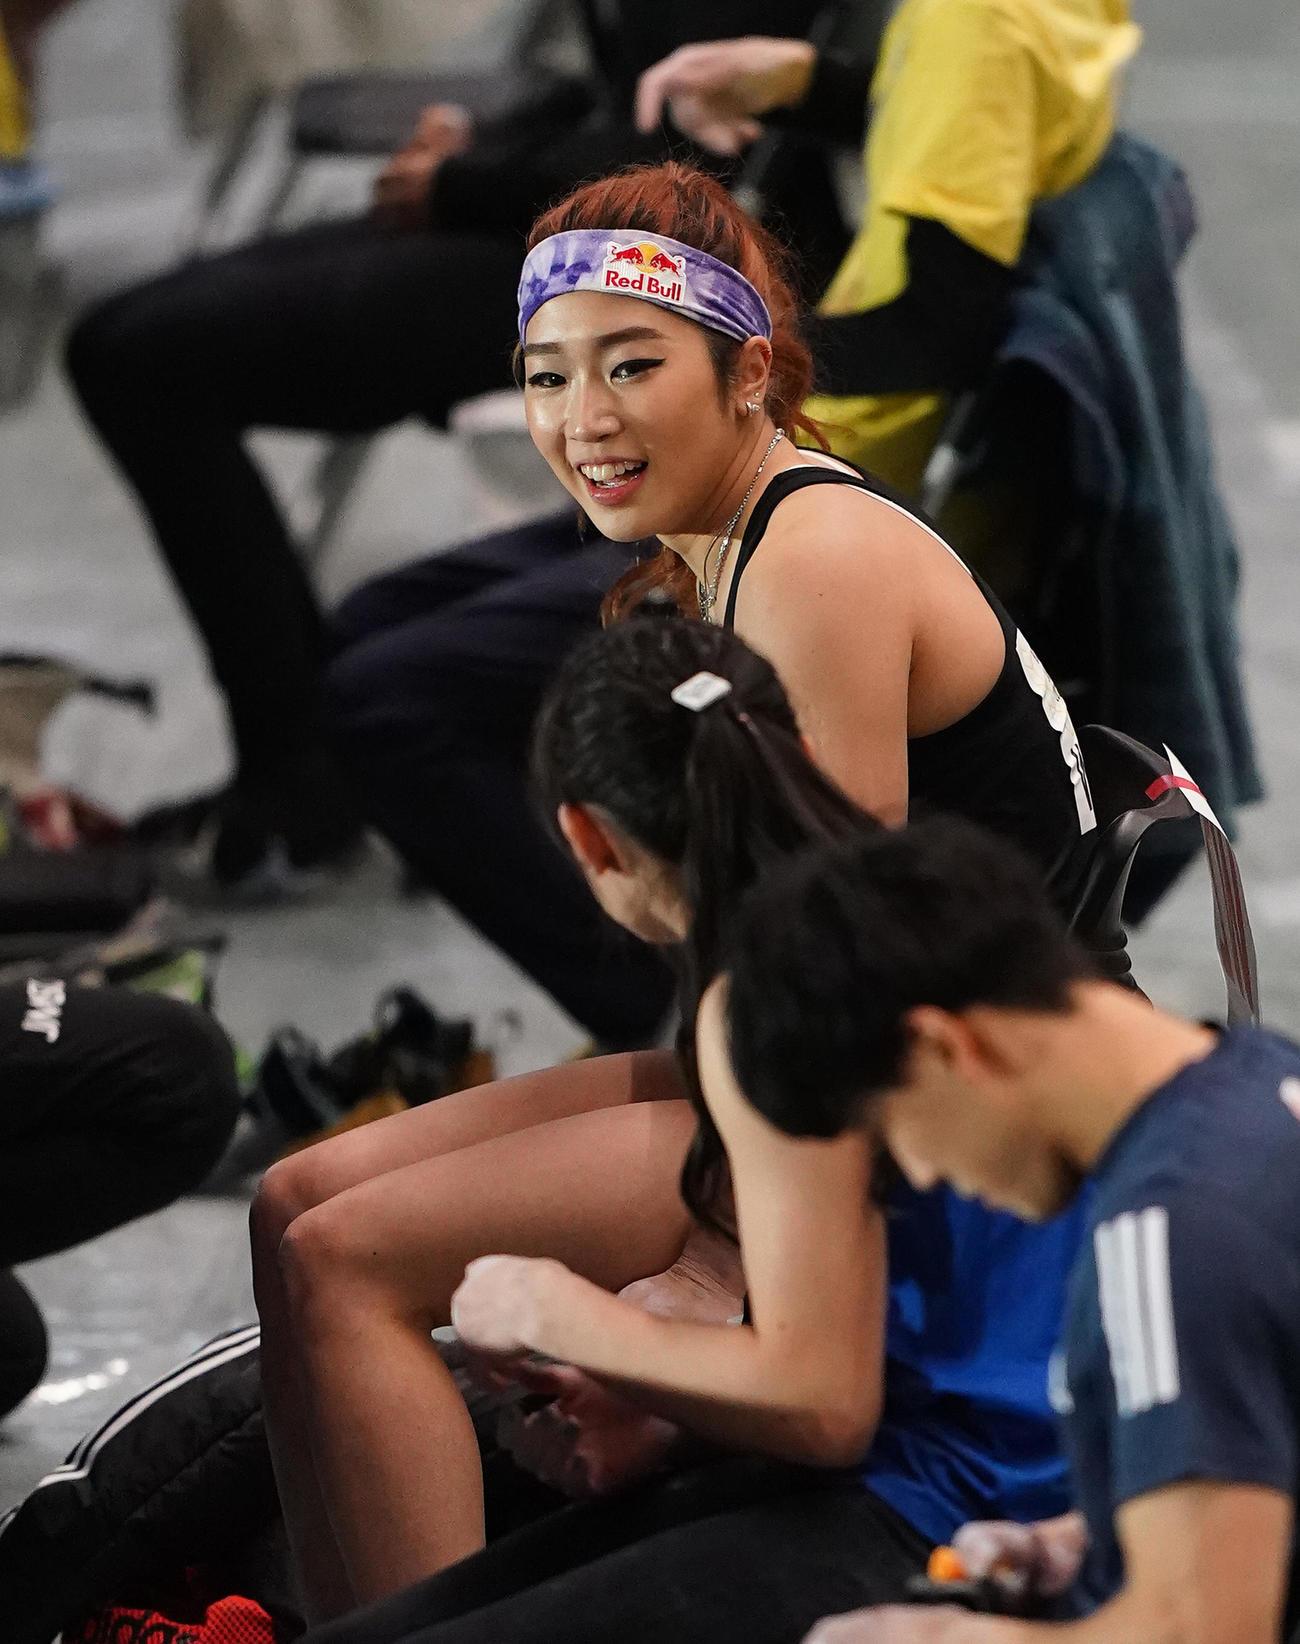 ボルダリング・ジャパンカップ女子予選で課題の合間に笑顔を見せる野中(撮影・菅敏)